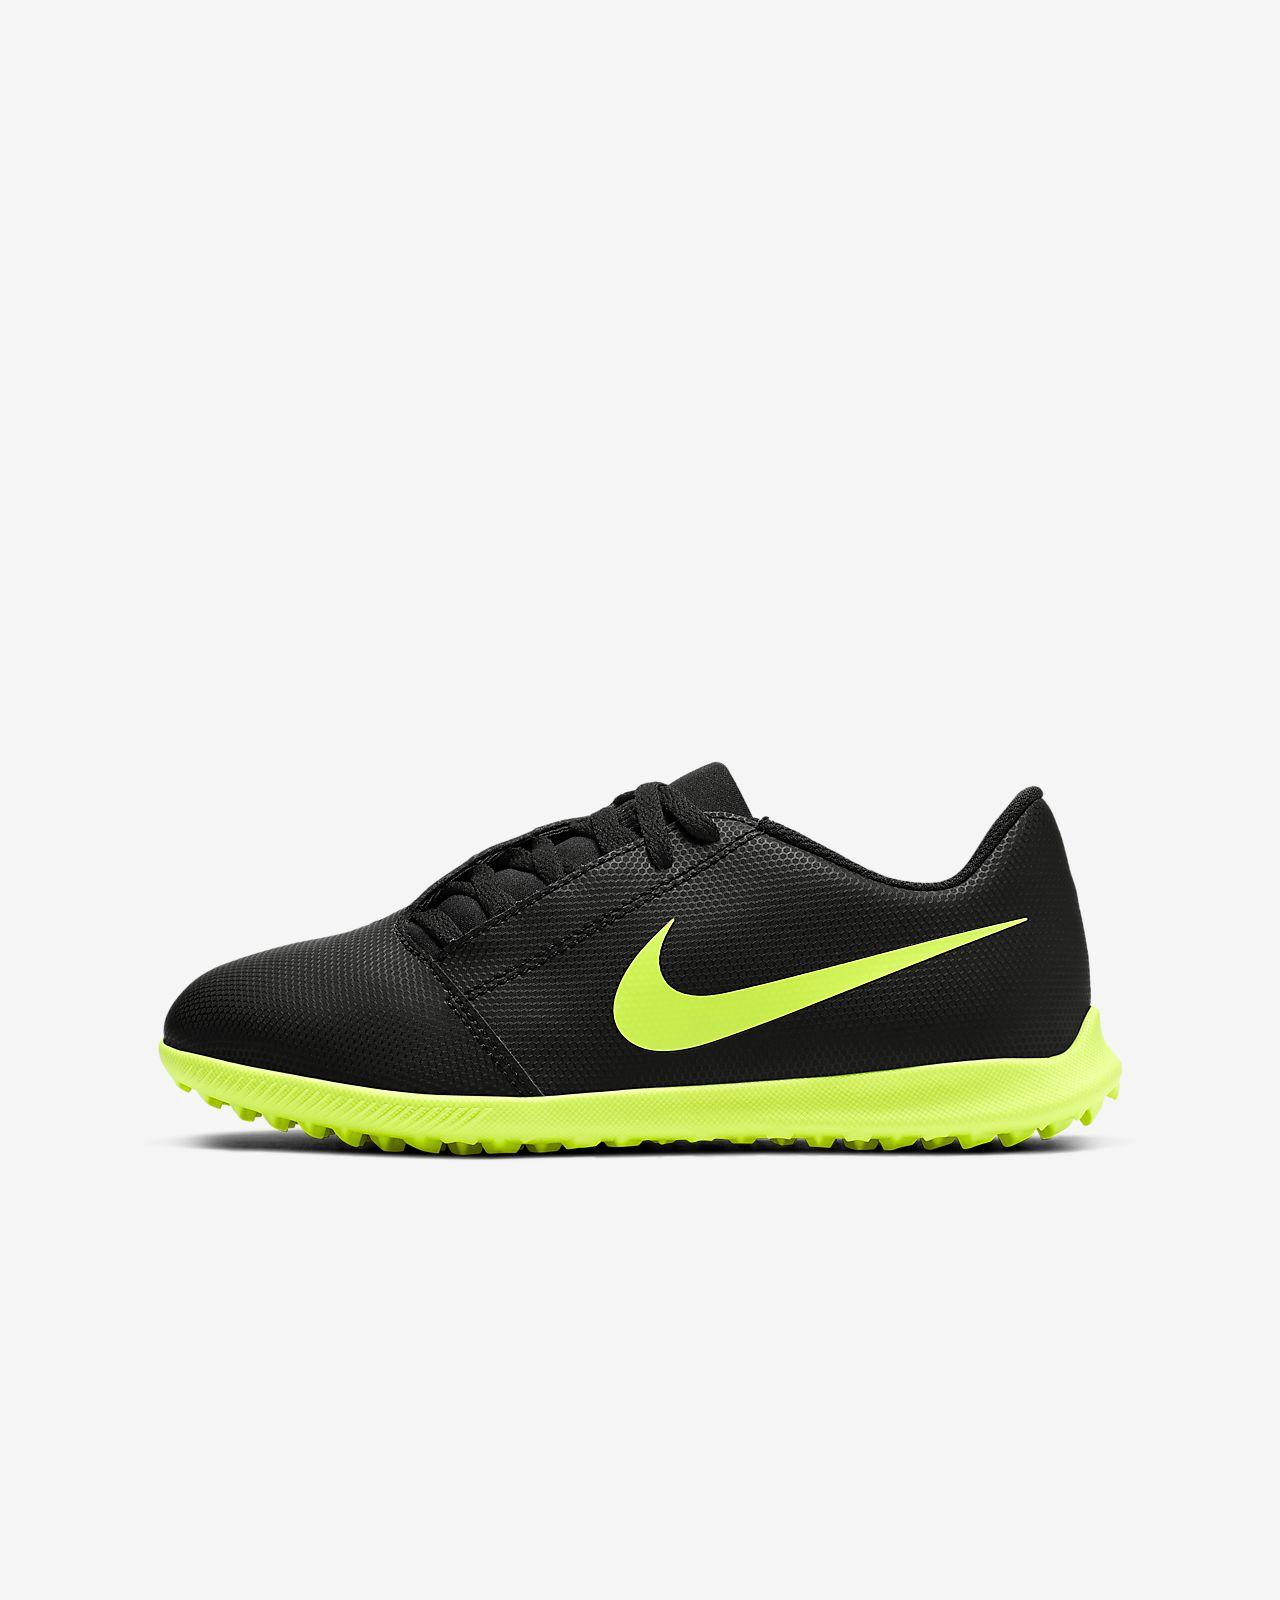 Nike Jr. Phantom Venom Club TF Voetbalschoen voor kleuters/kids (turf)